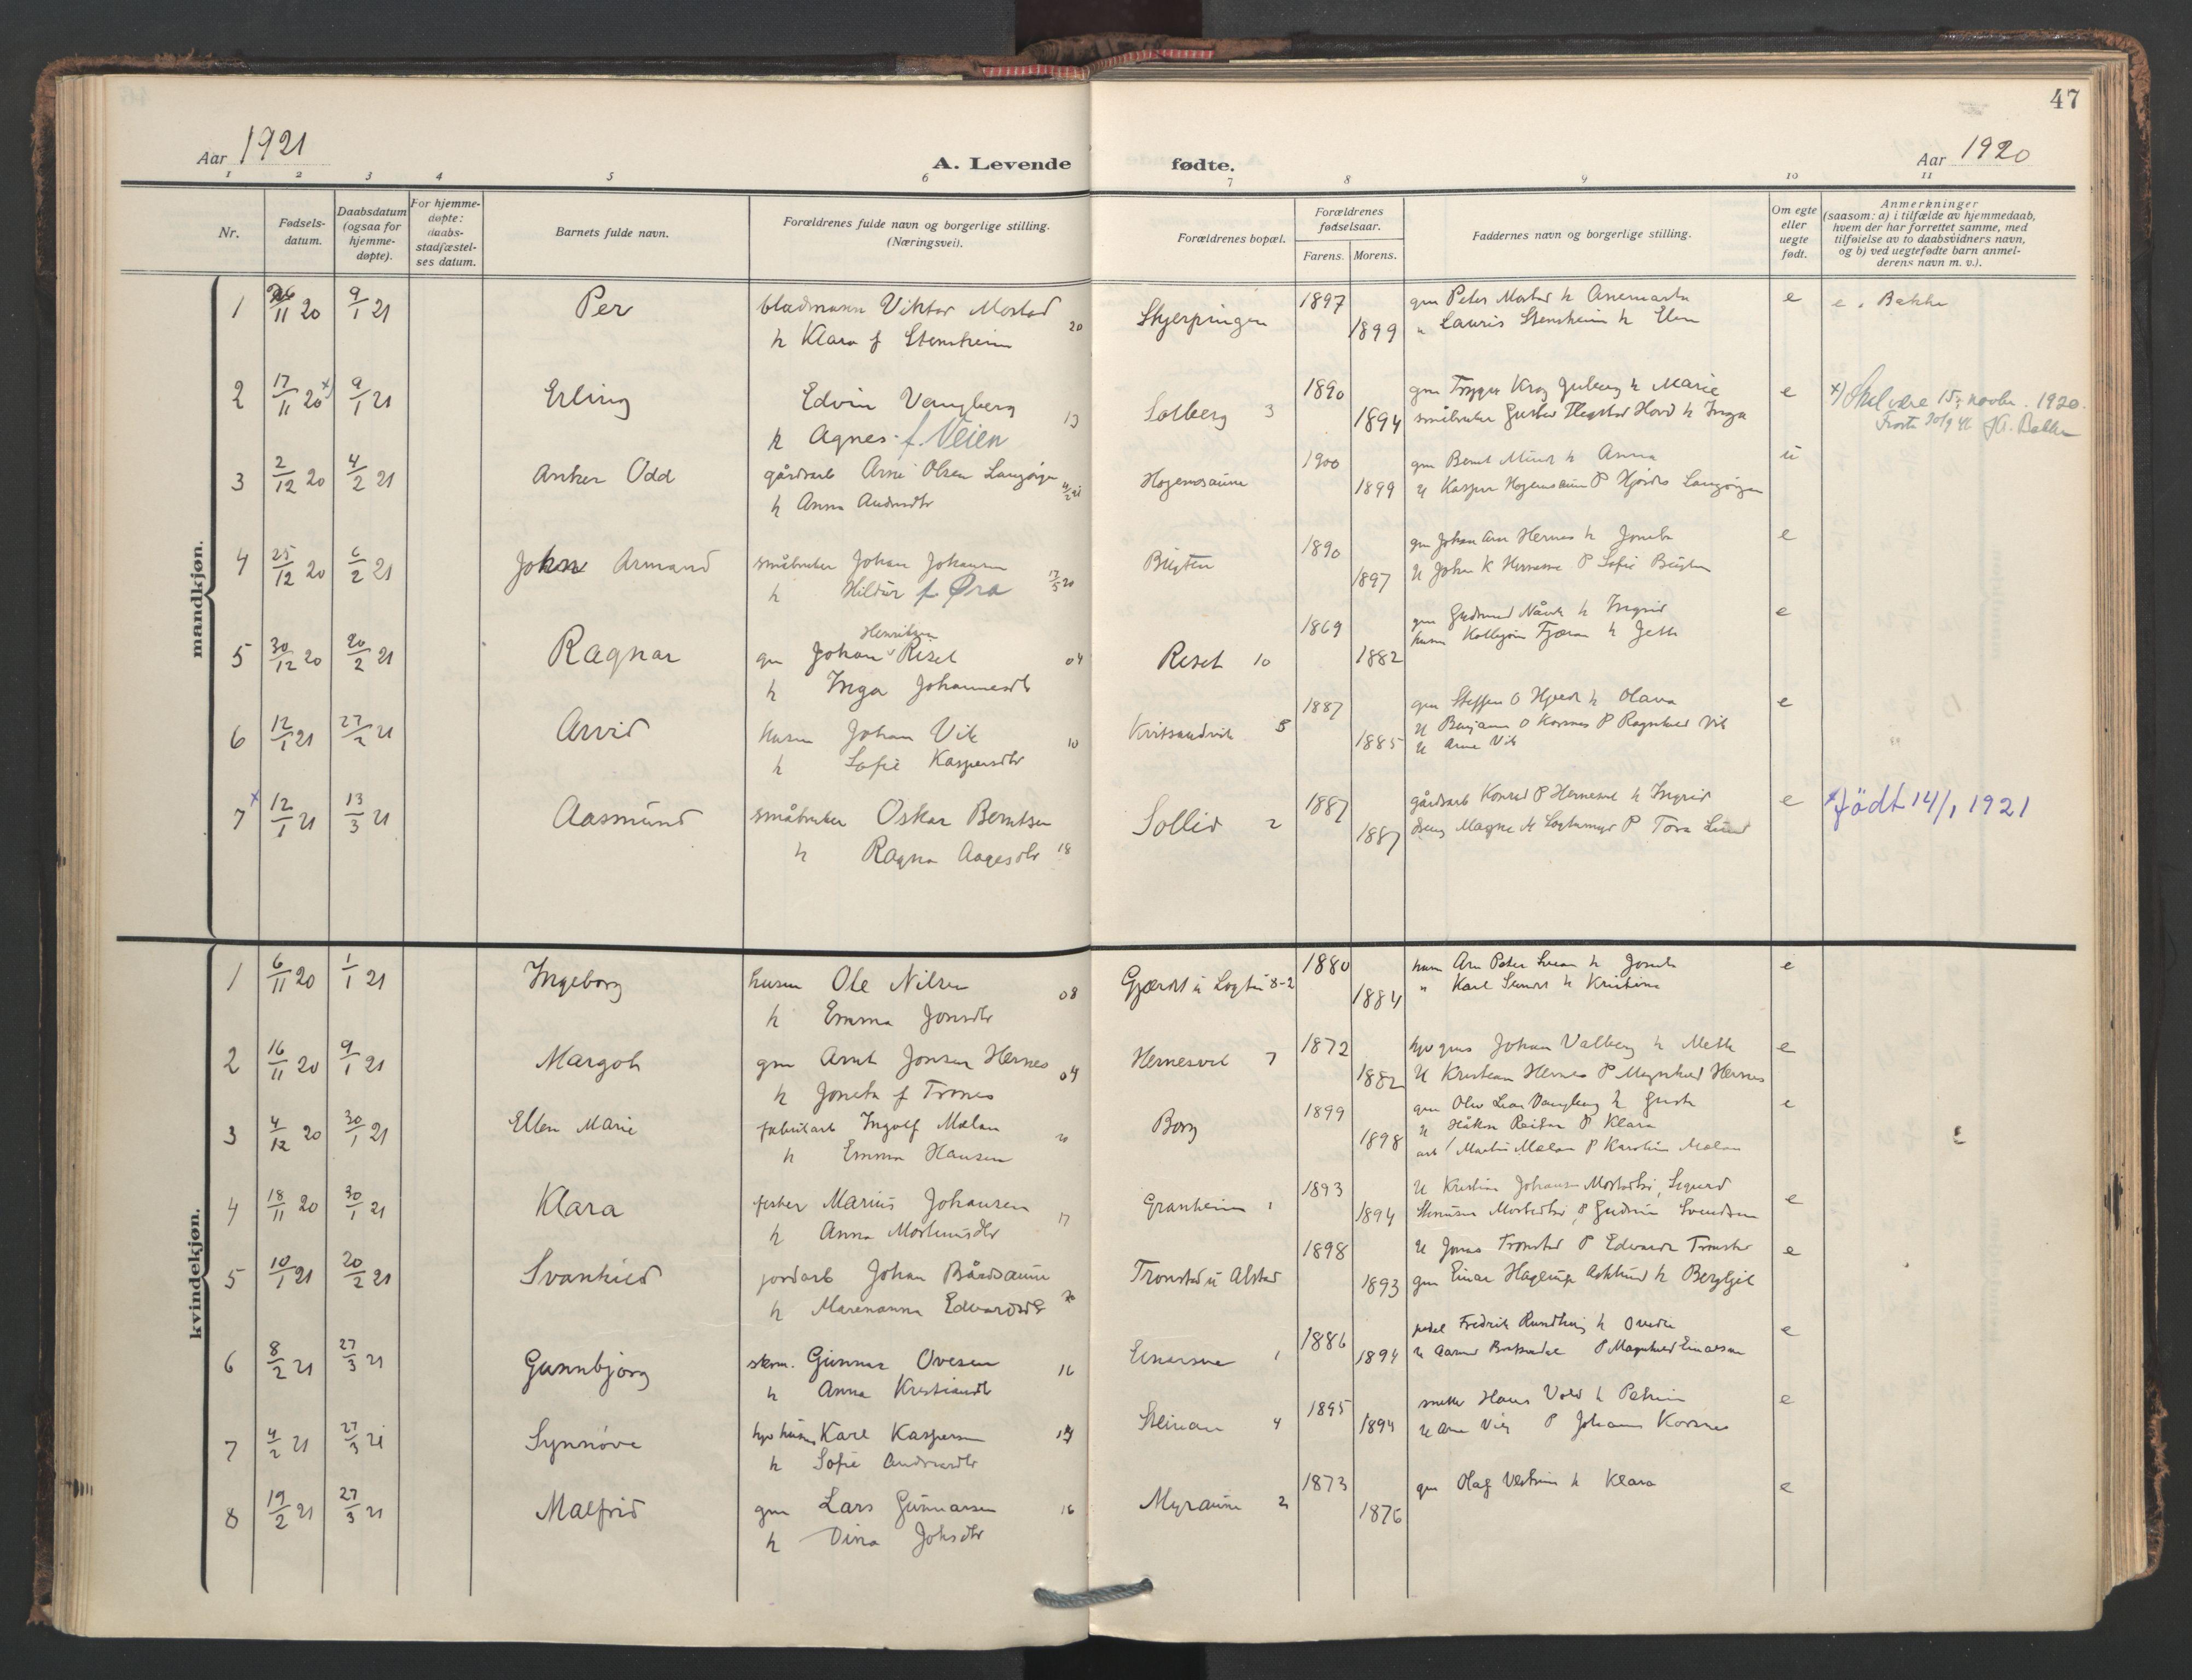 SAT, Ministerialprotokoller, klokkerbøker og fødselsregistre - Nord-Trøndelag, 713/L0123: Ministerialbok nr. 713A12, 1911-1925, s. 47